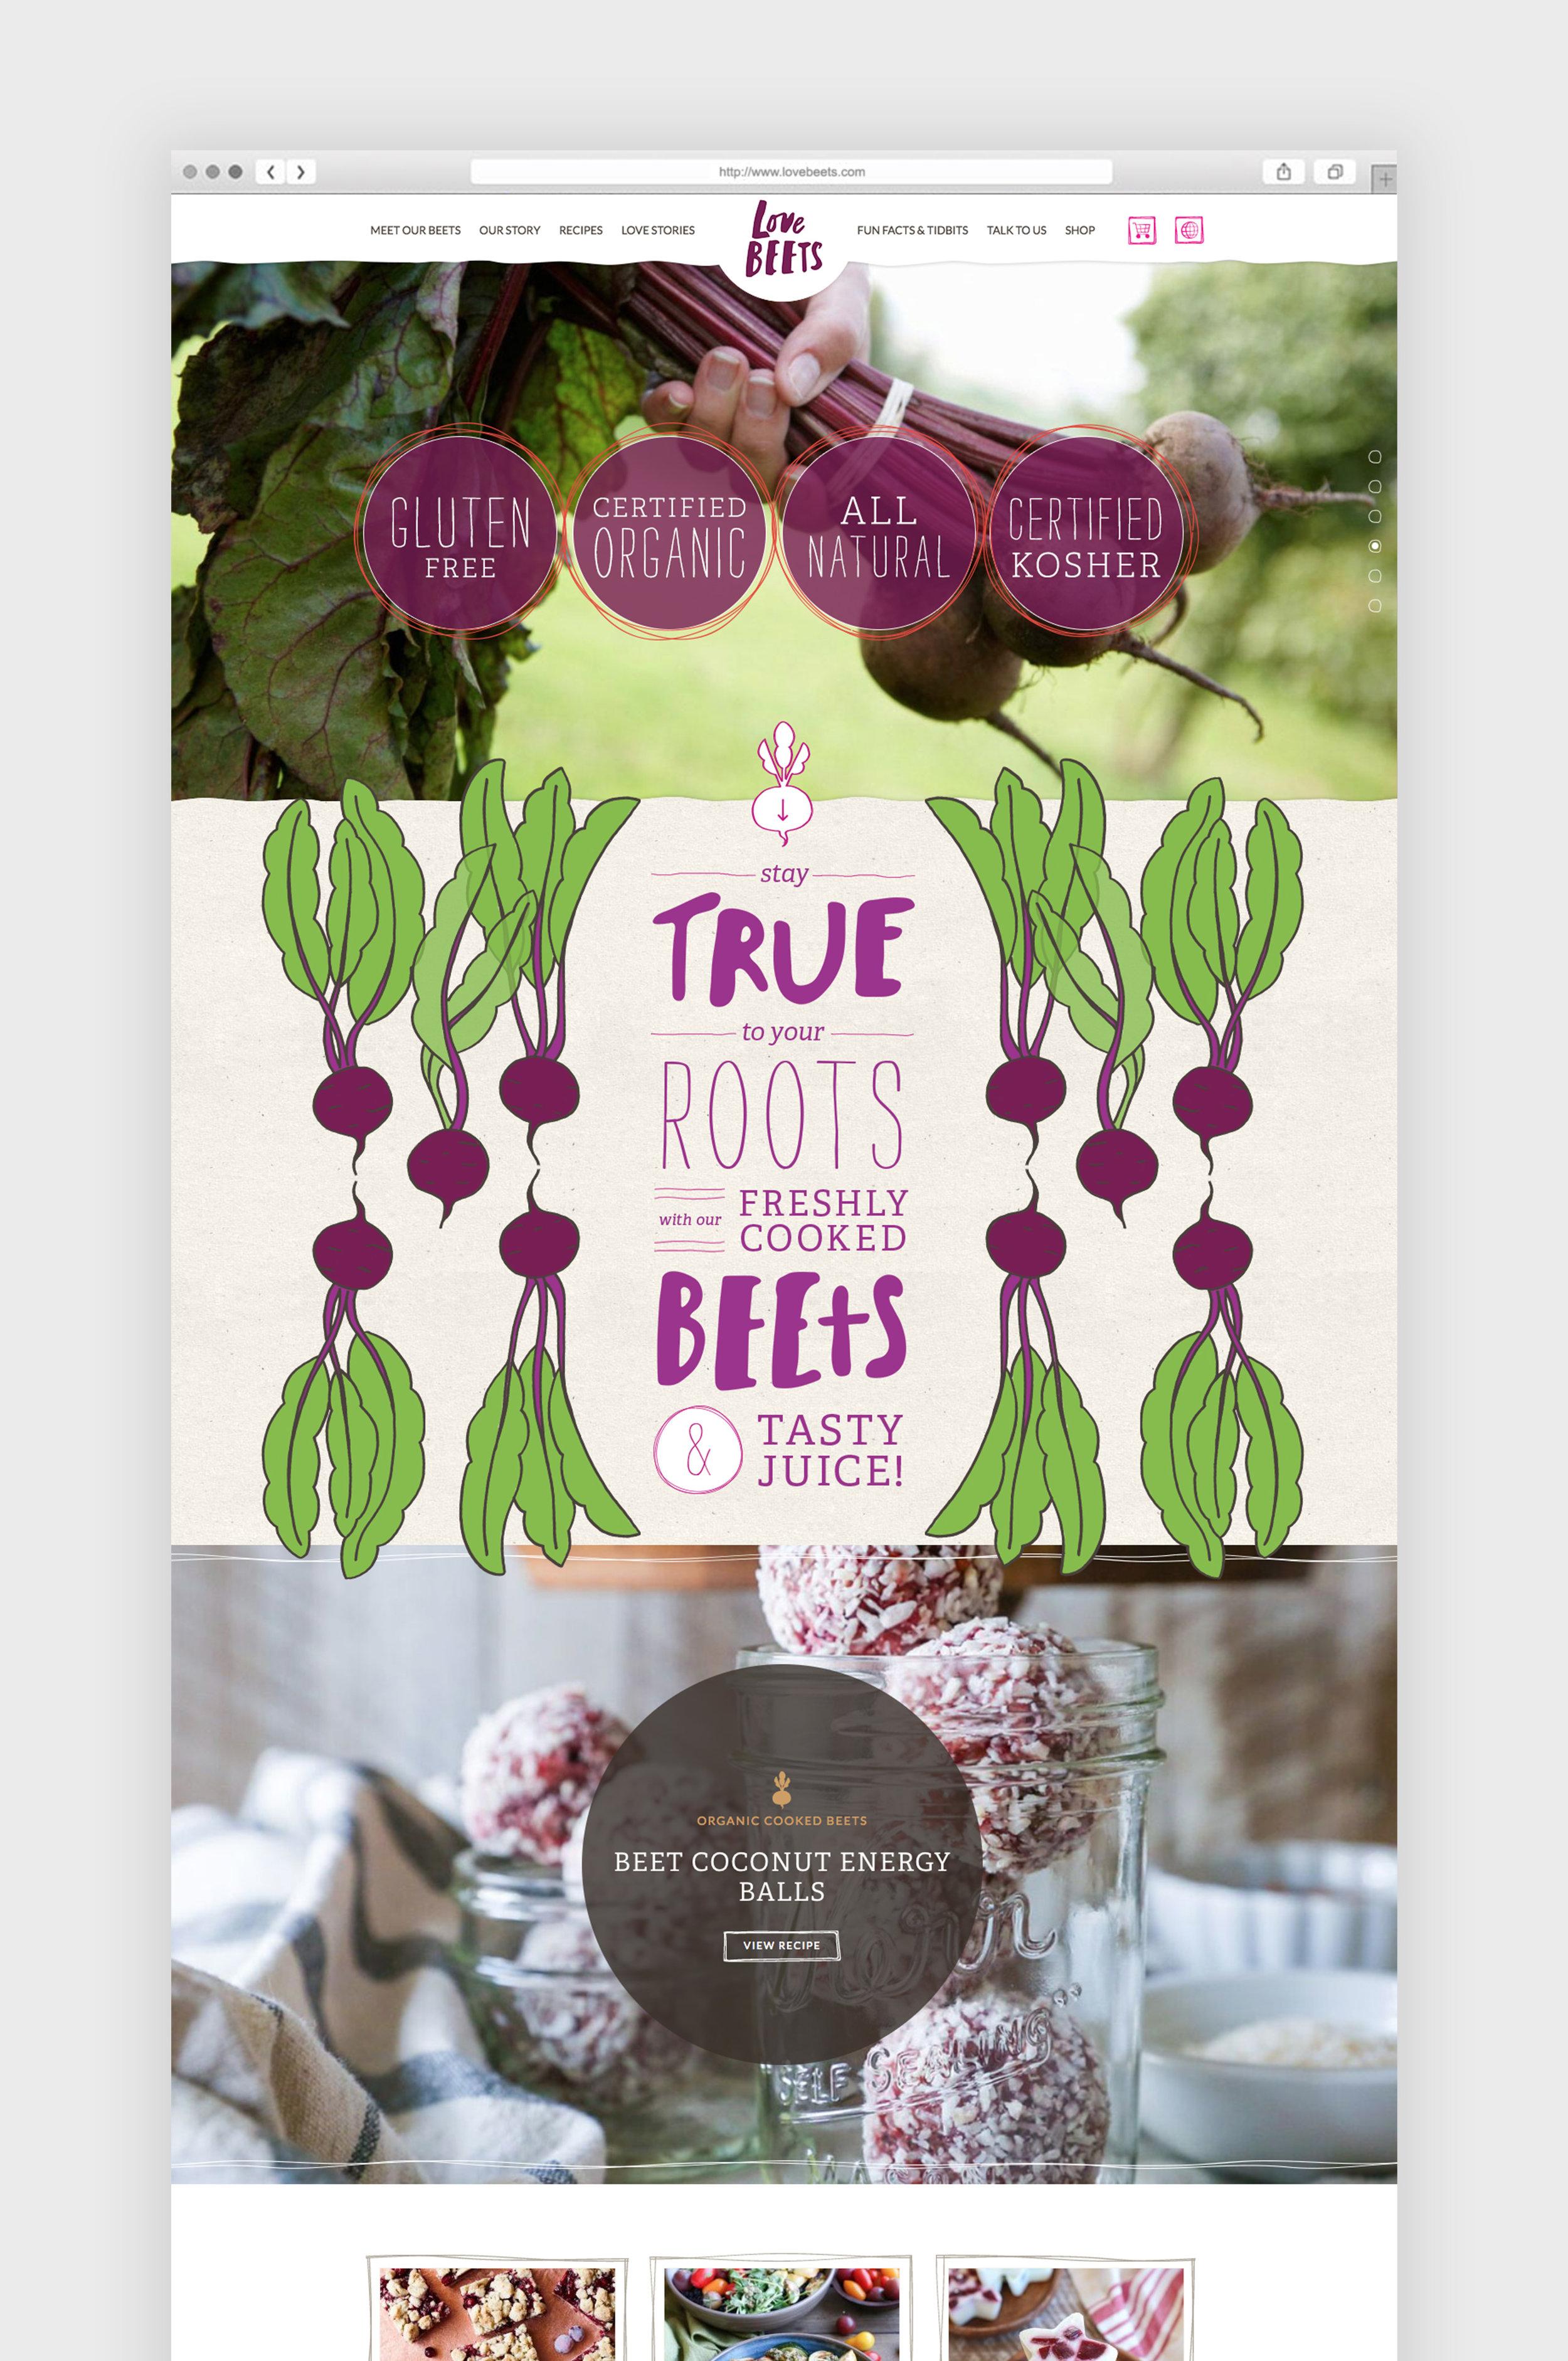 Web-Design-Philadelphia-Natural-Foods-Beverage.jpg